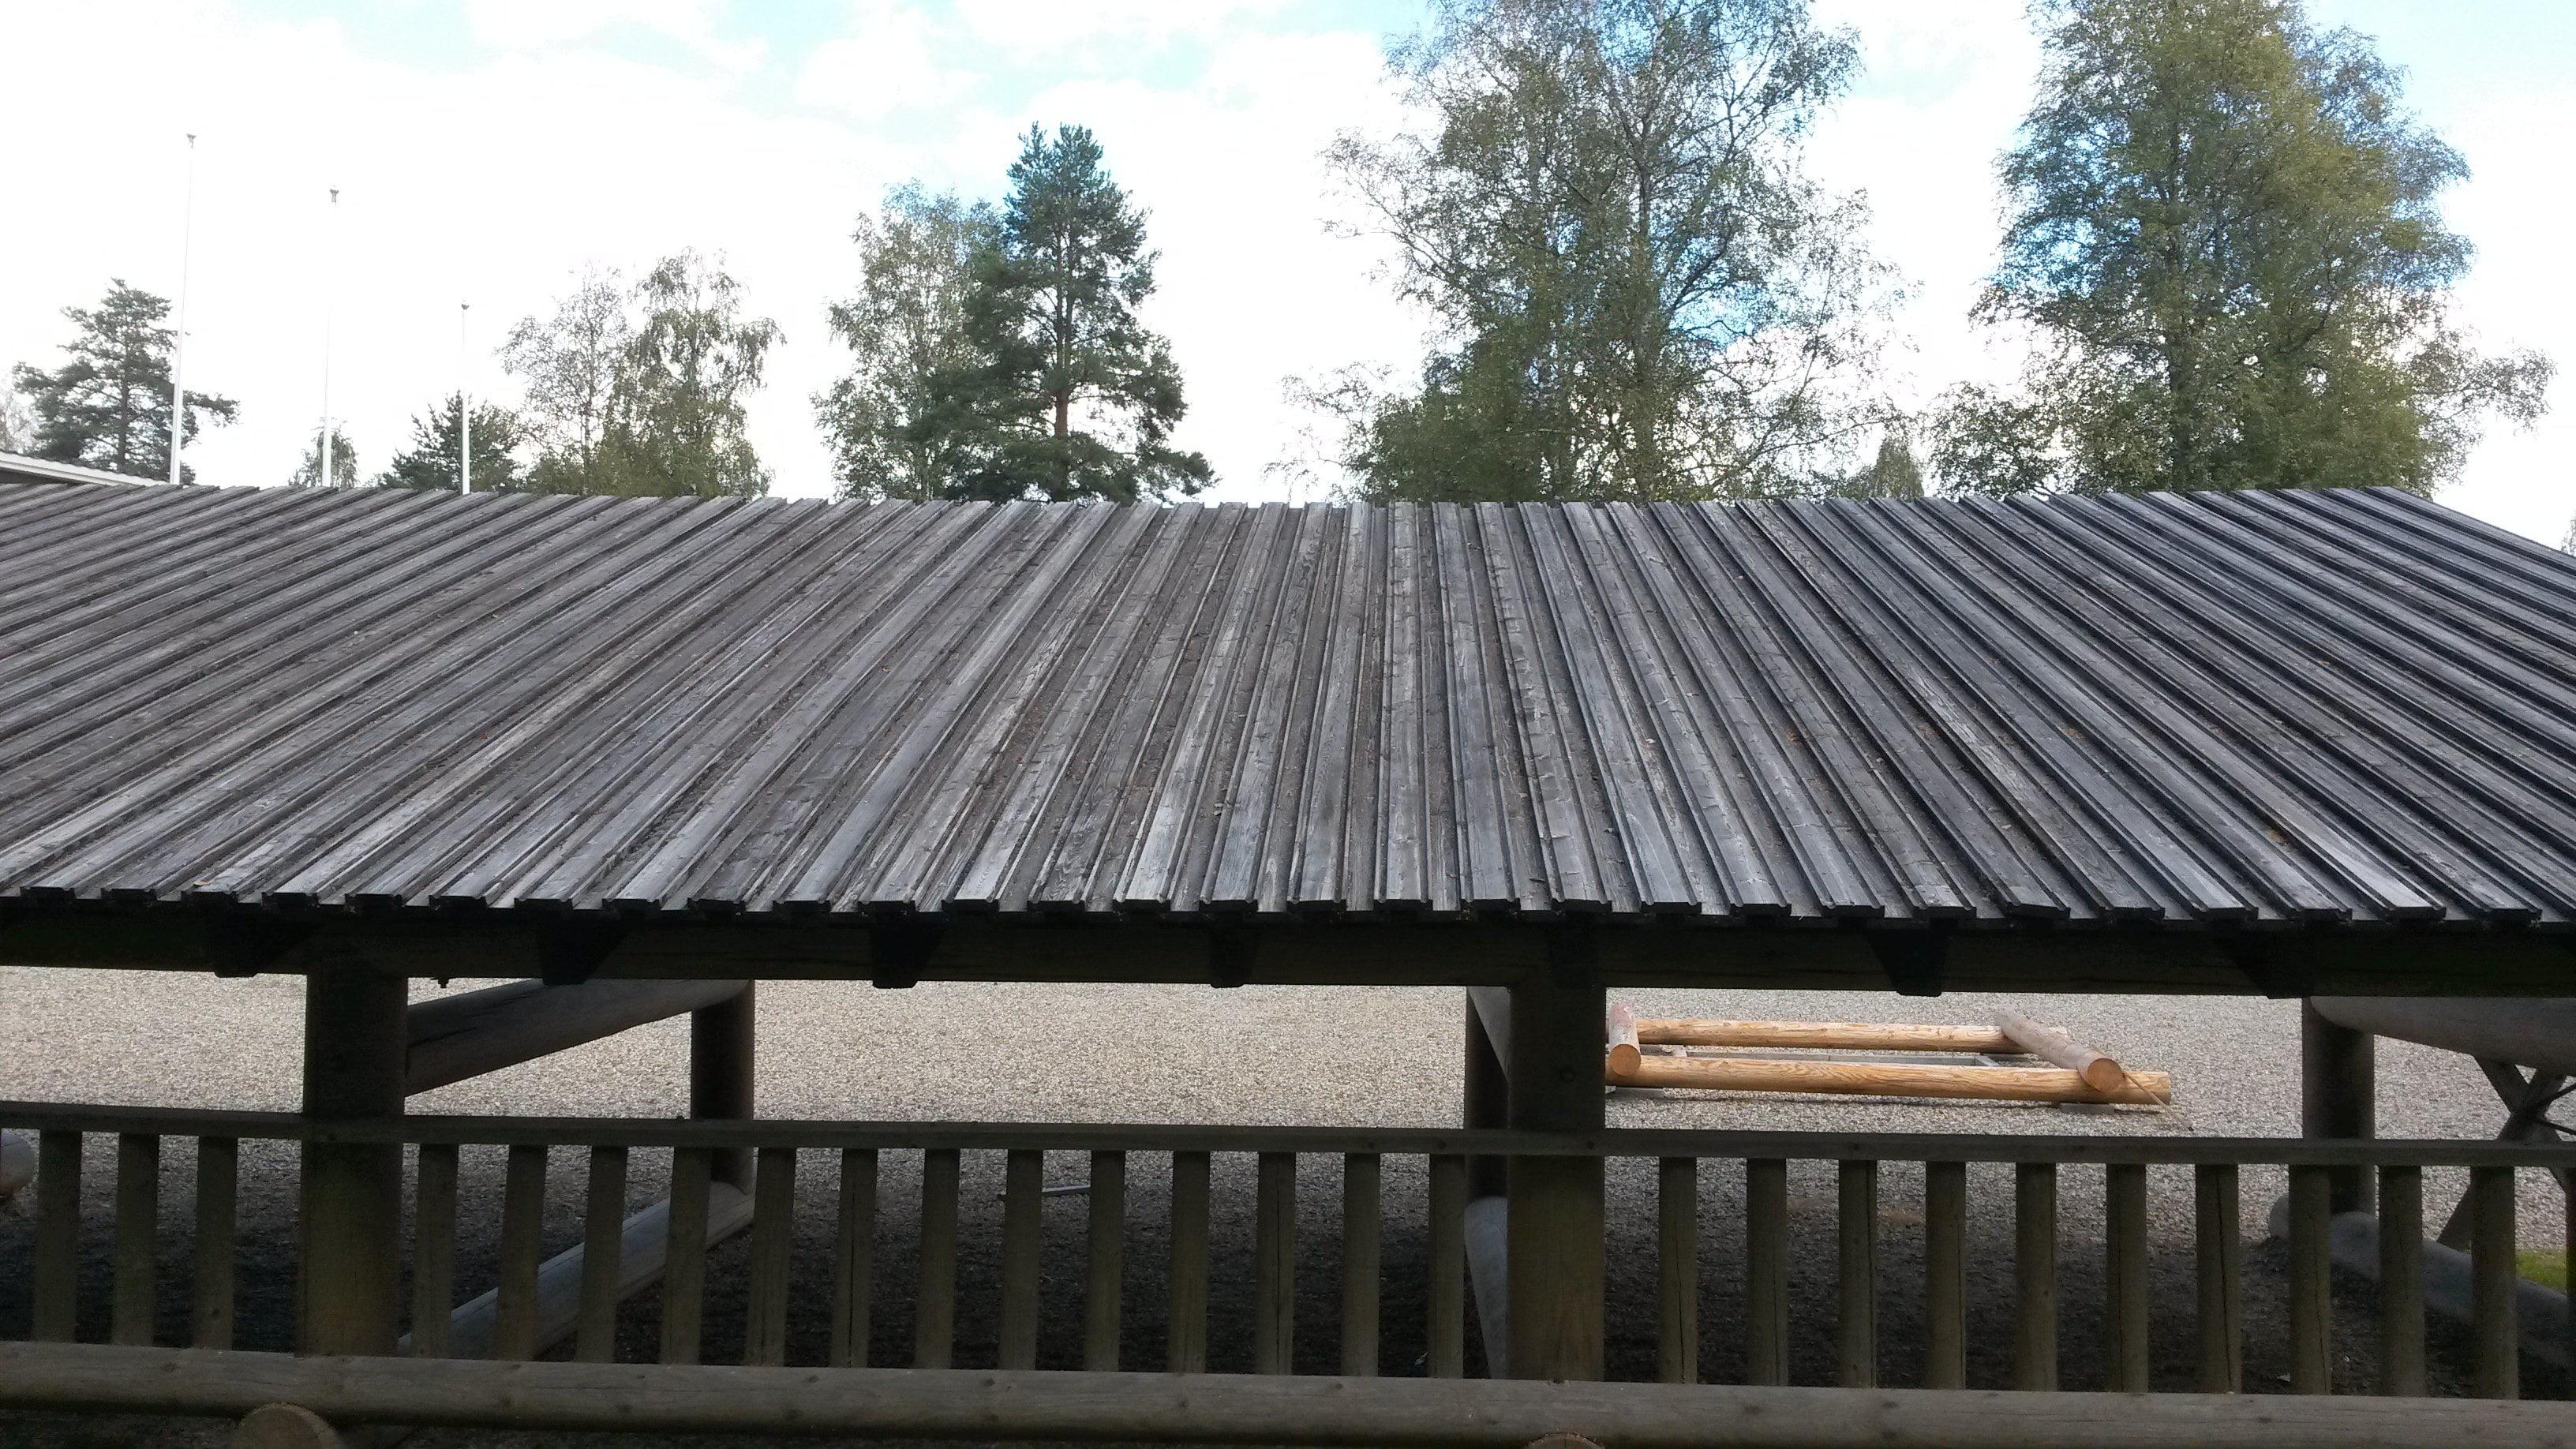 Nordici alla riscoperta di sistemi costruttivi in legno tradizionali